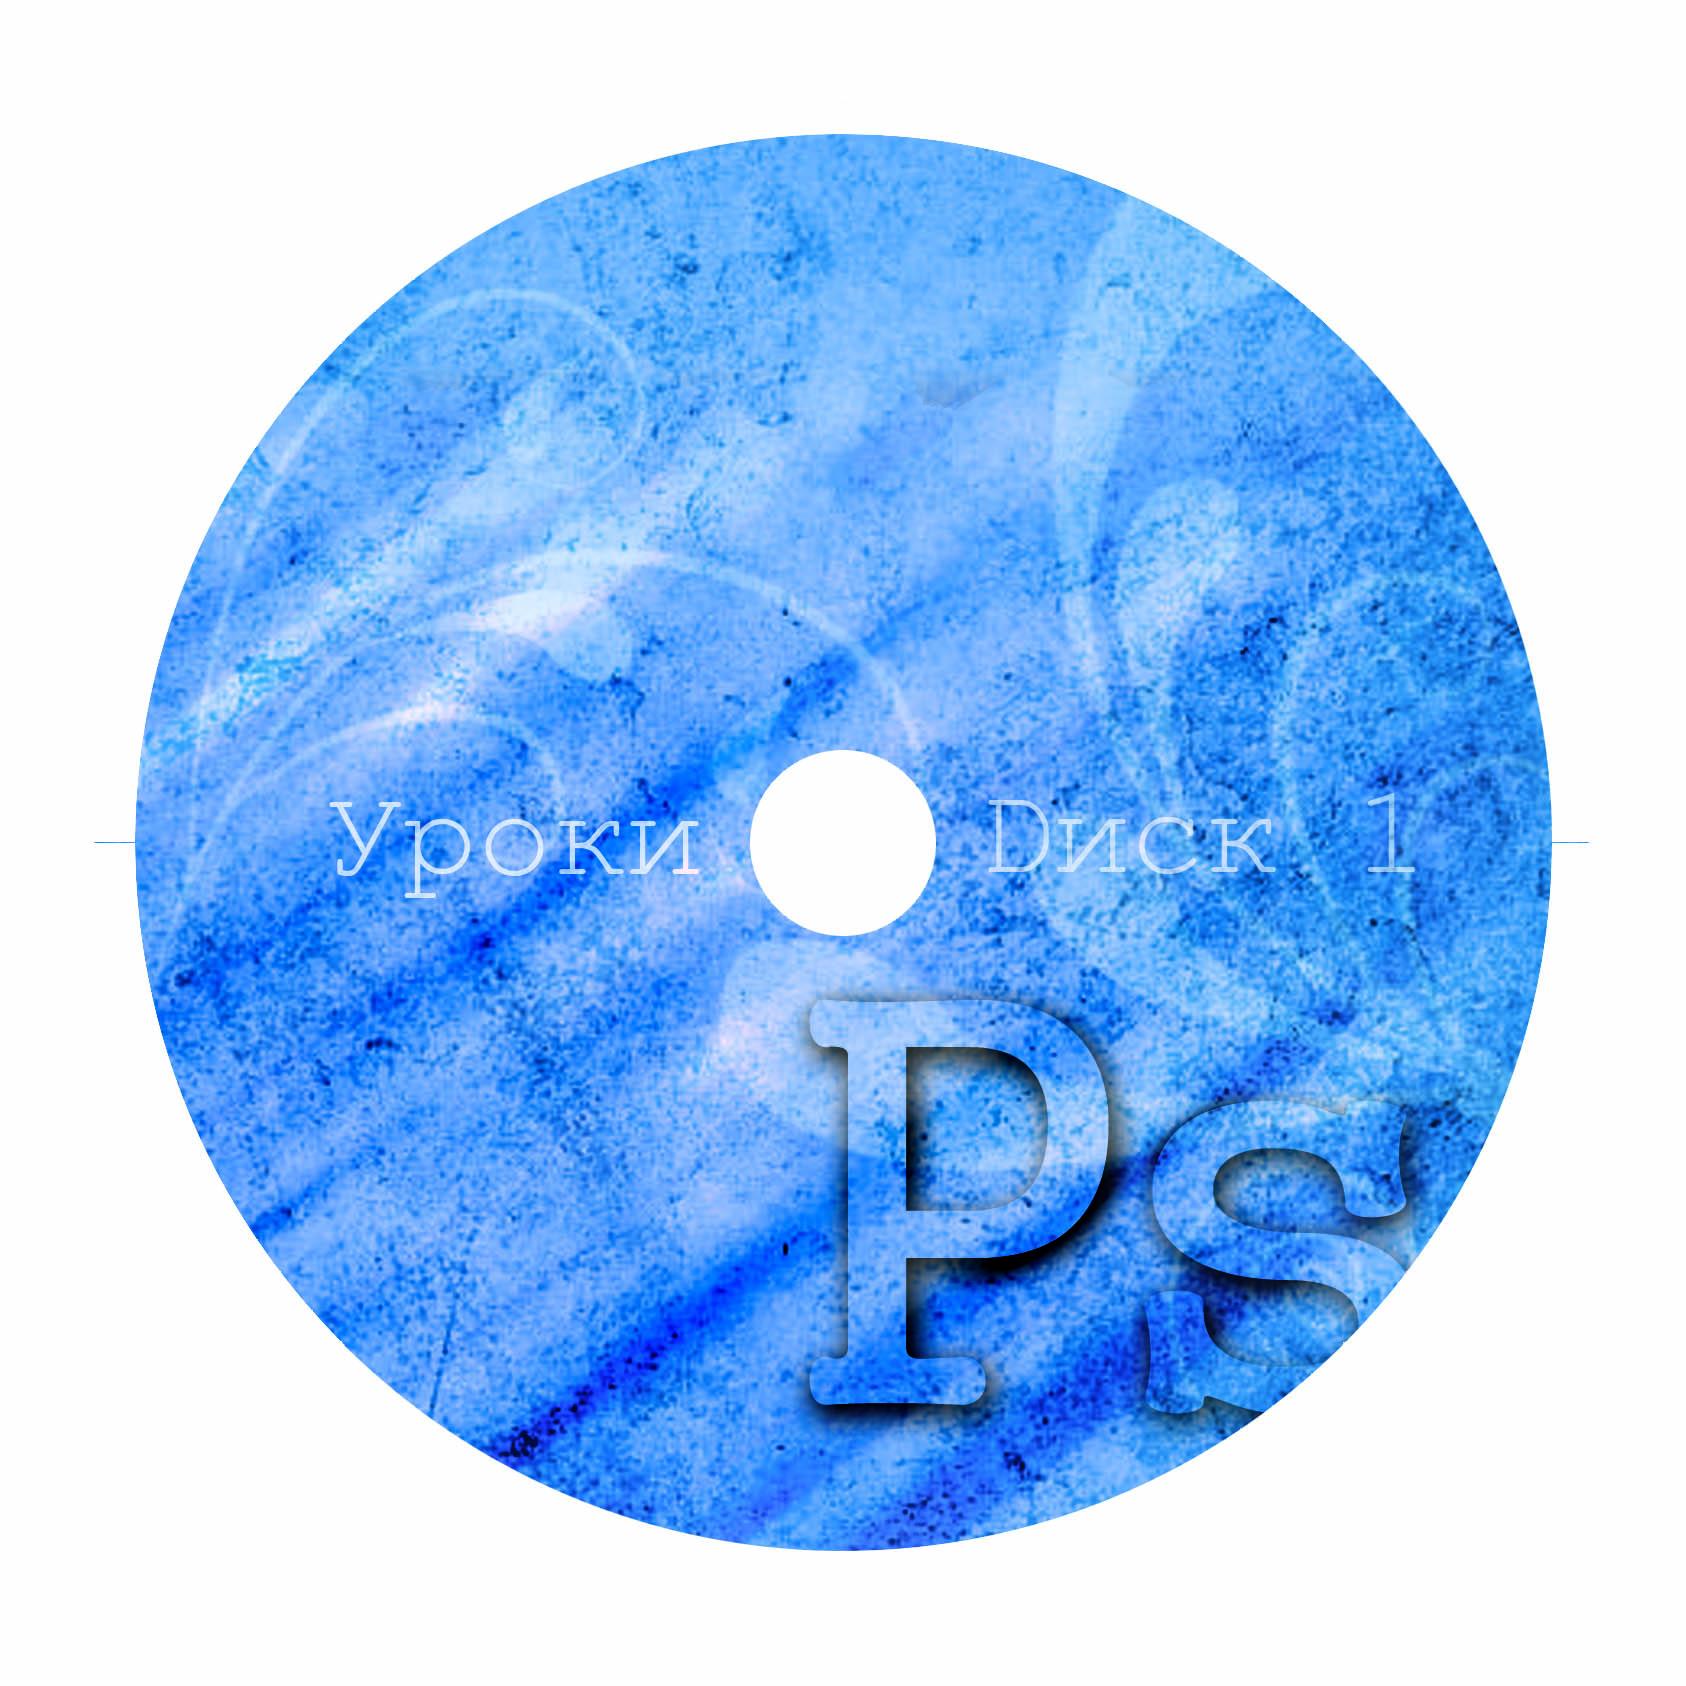 Создание дизайна DVD релиза (обложка, накатка, меню и т.п.) фото f_4d8c51599c8be.jpg